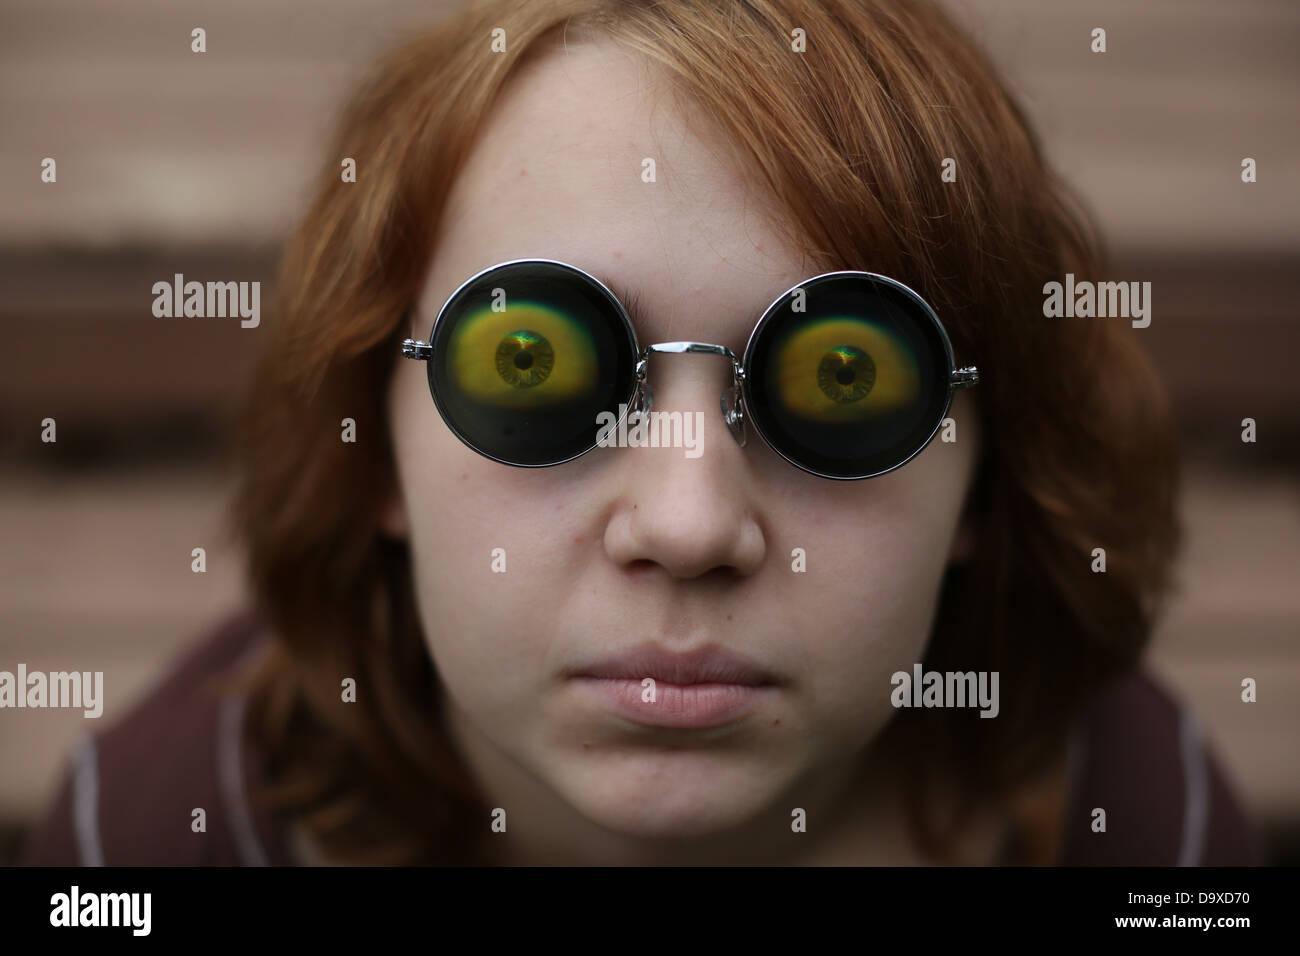 Una adolescente vistiendo gracioso globo ocular gafas. Imagen De Stock